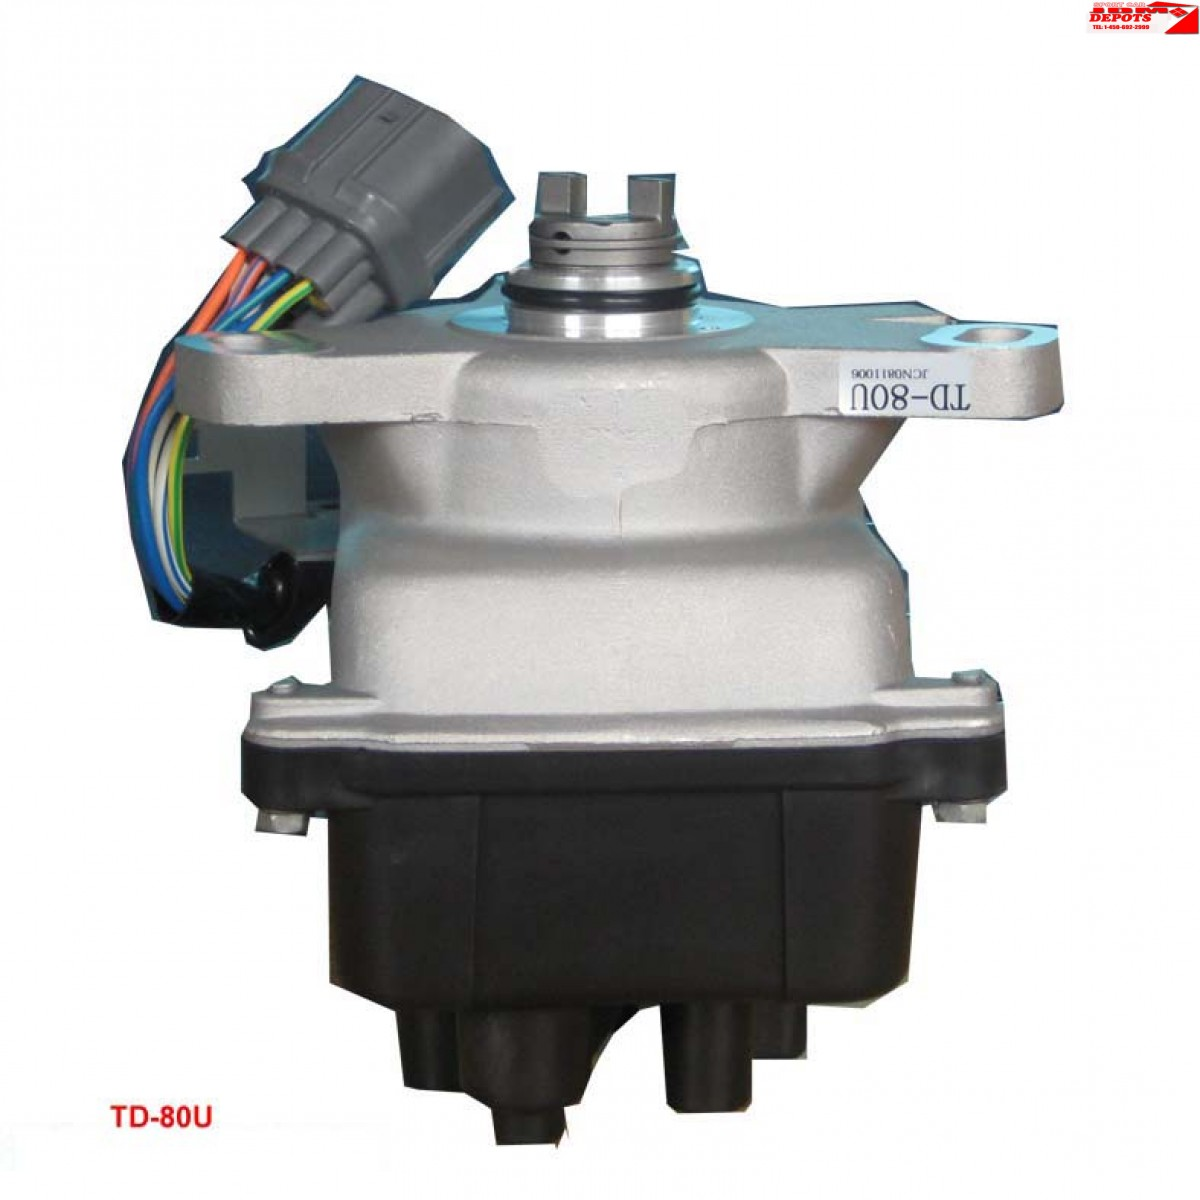 Distributor For 96-98 Honda Civic 96-97 Honda Del Sol 1.6L SOHC TD-98U TD-80U